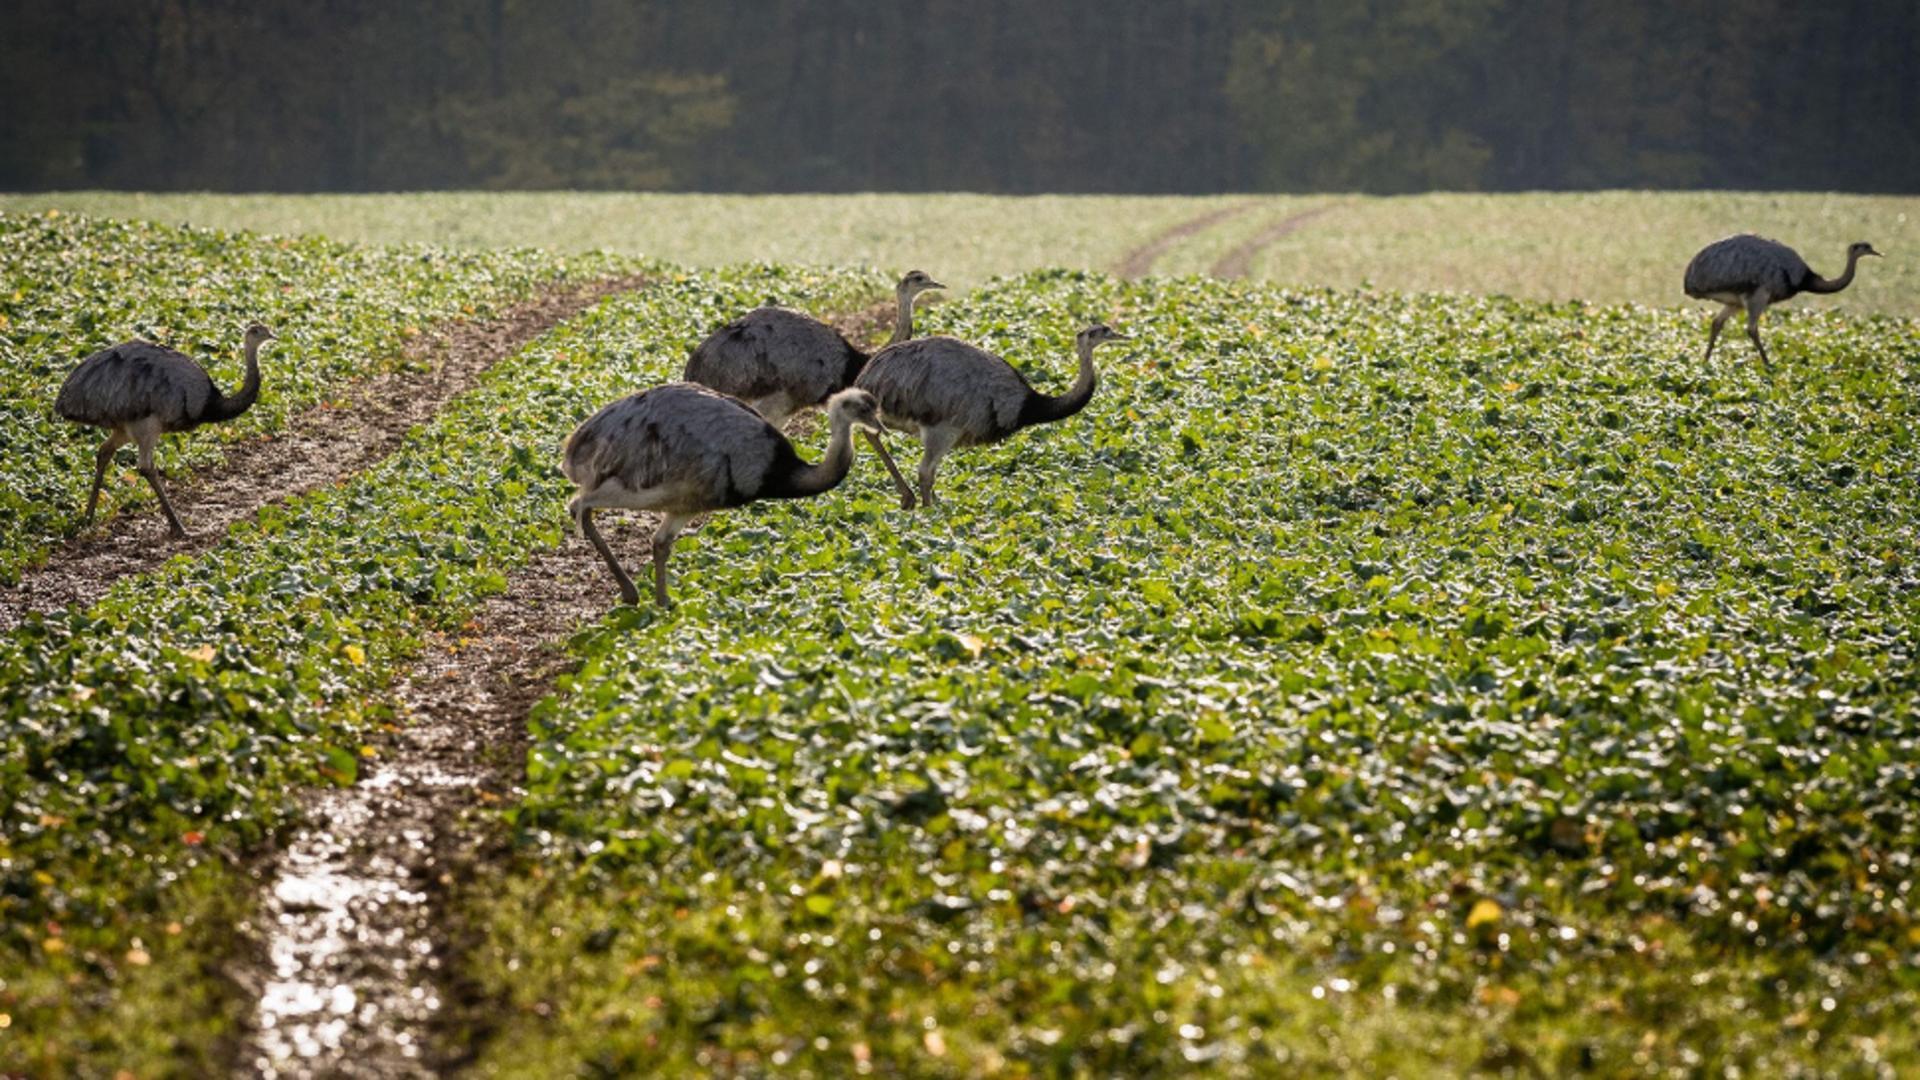 Sute de păsări exotice fac ravagii în recoltele fermierilor din nordul Germaniei / Foto: audubon.org